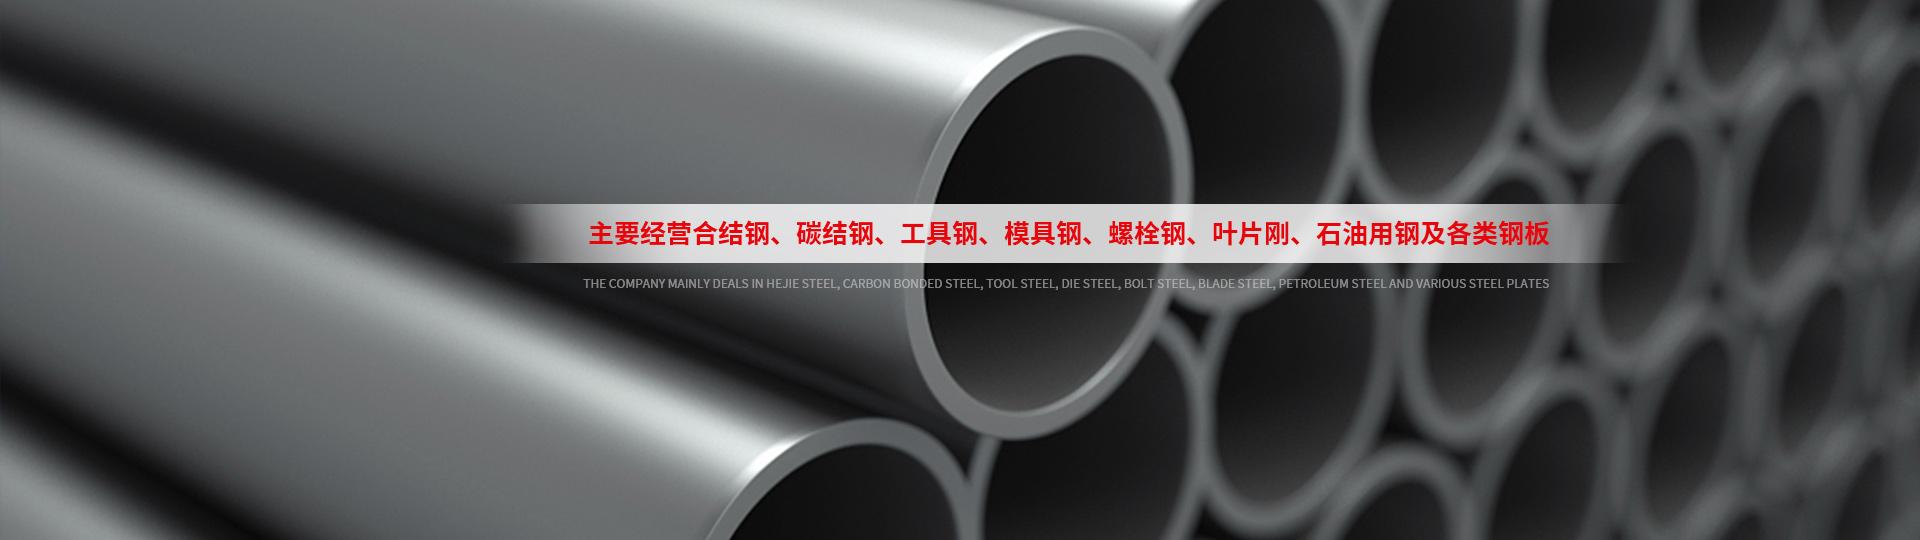 四川螺栓鋼